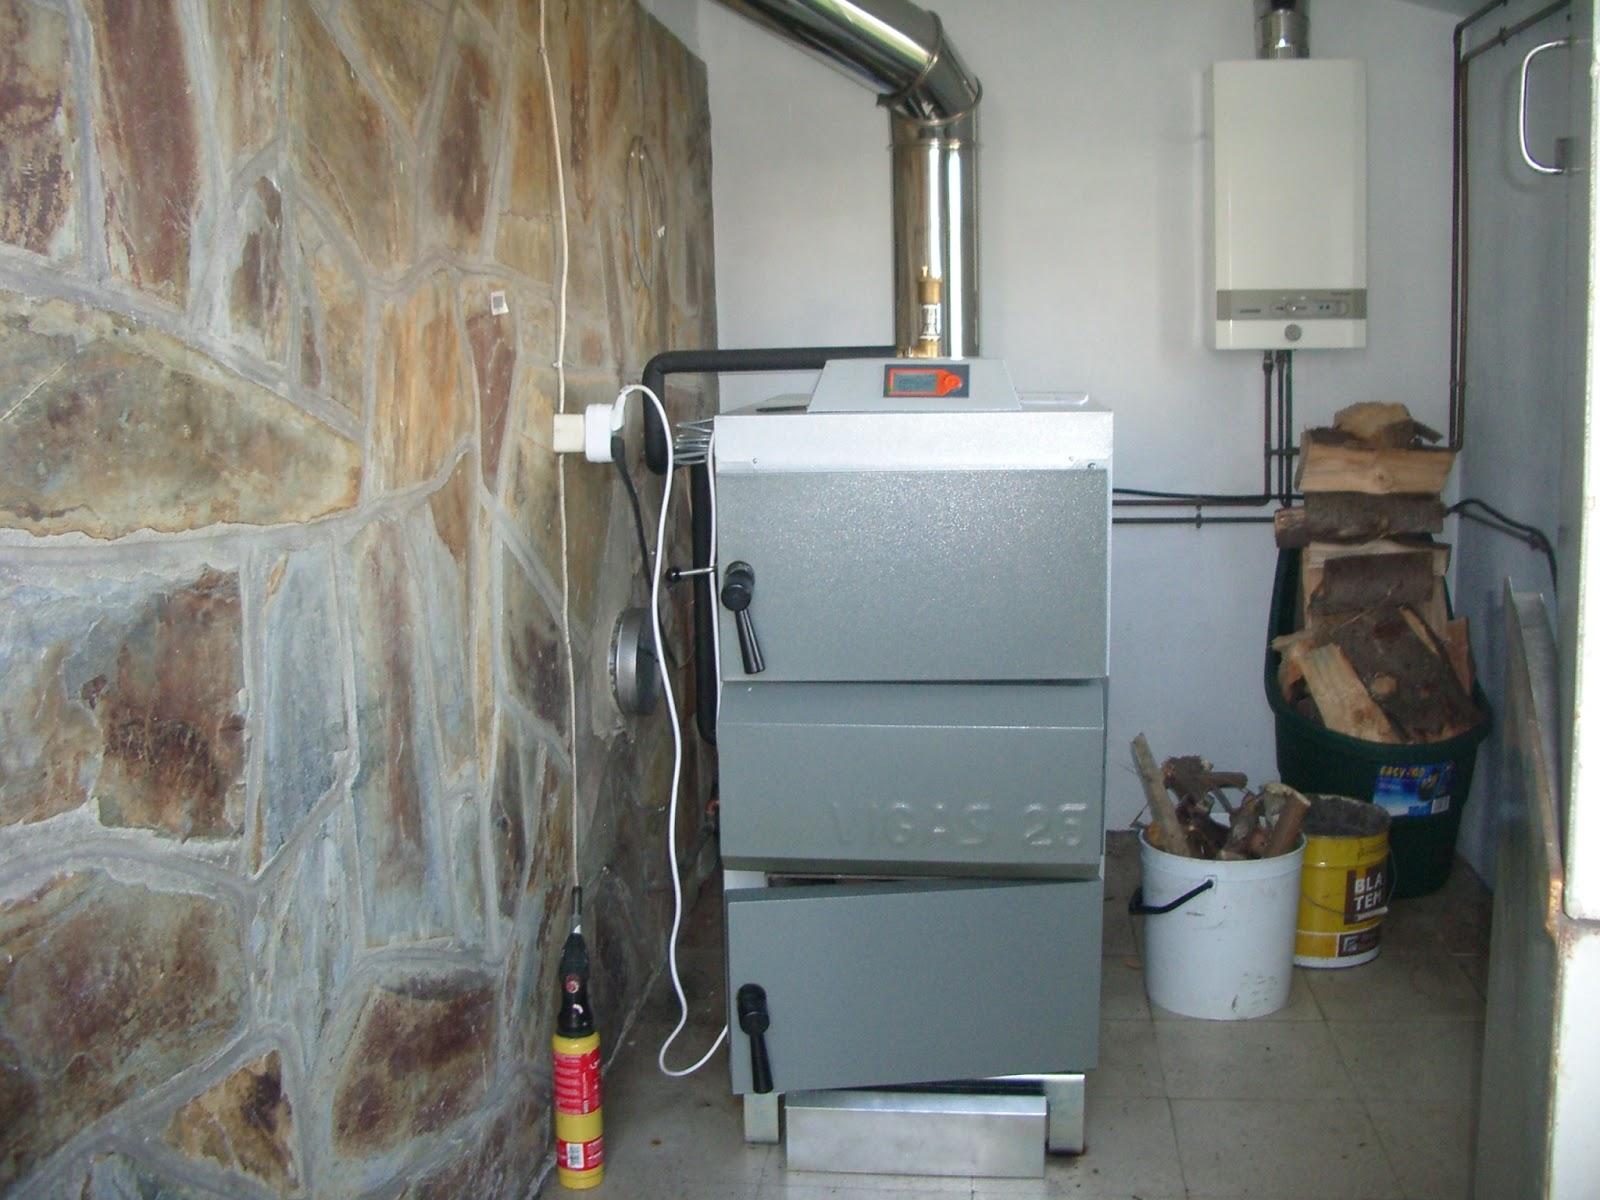 Substituci n de caldera de carb n por una caldera de le a for Caldera mural a gas